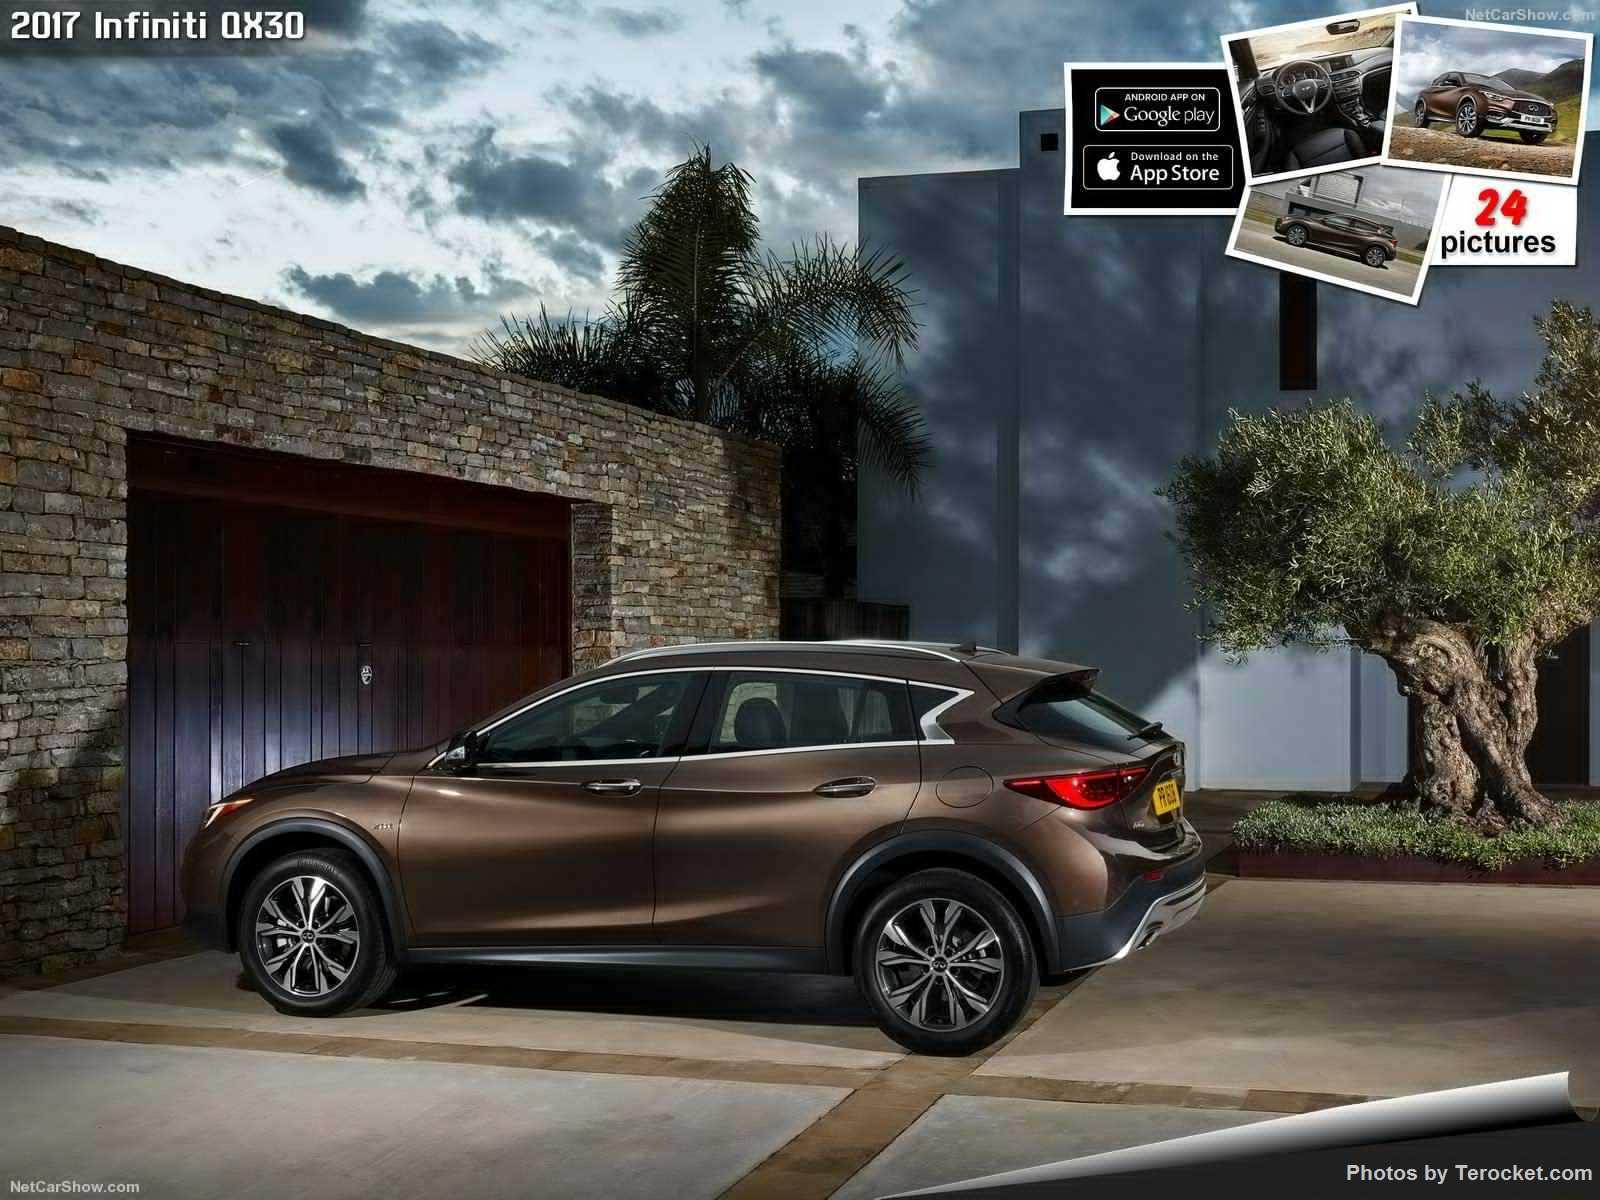 Hình ảnh xe ô tô Infiniti QX30 2017 & nội ngoại thất